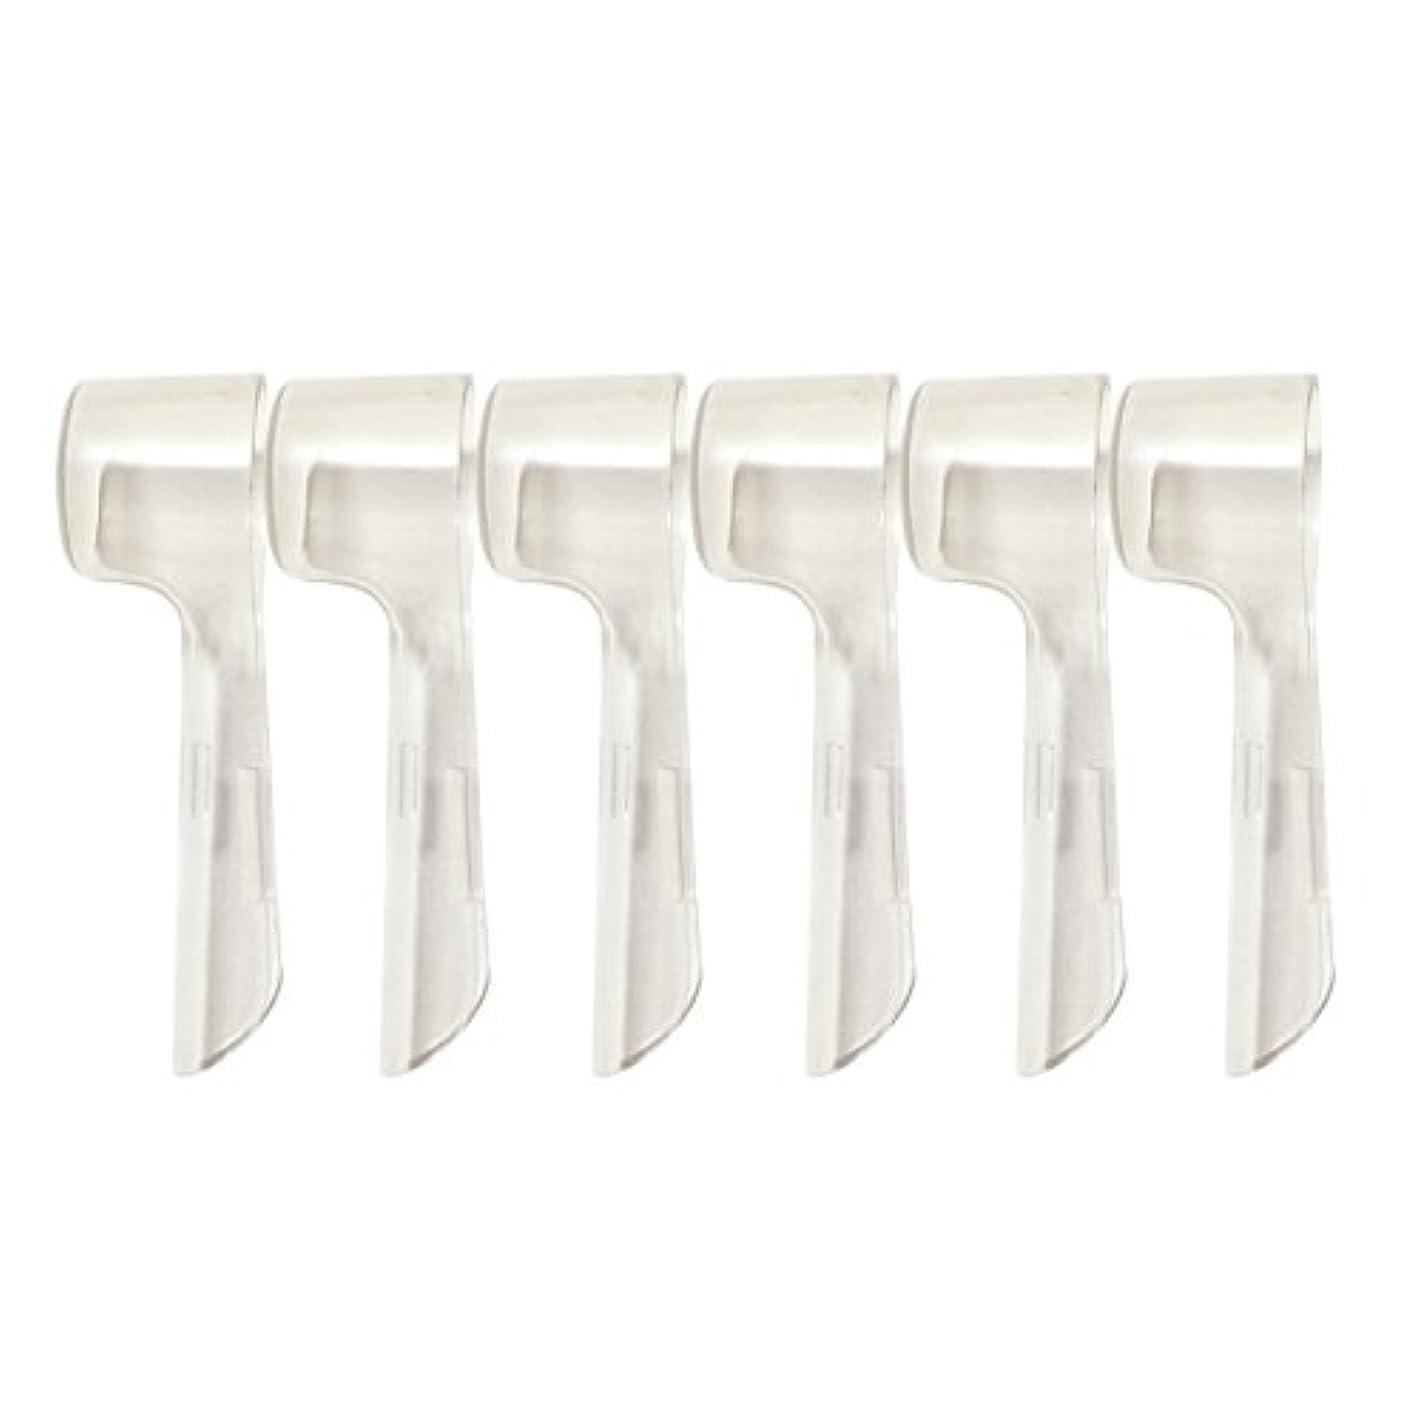 剪断作成する非互換SUPVOX 旅行のために便利な電動歯ブラシのための6本の歯ブラシヘッドカバー